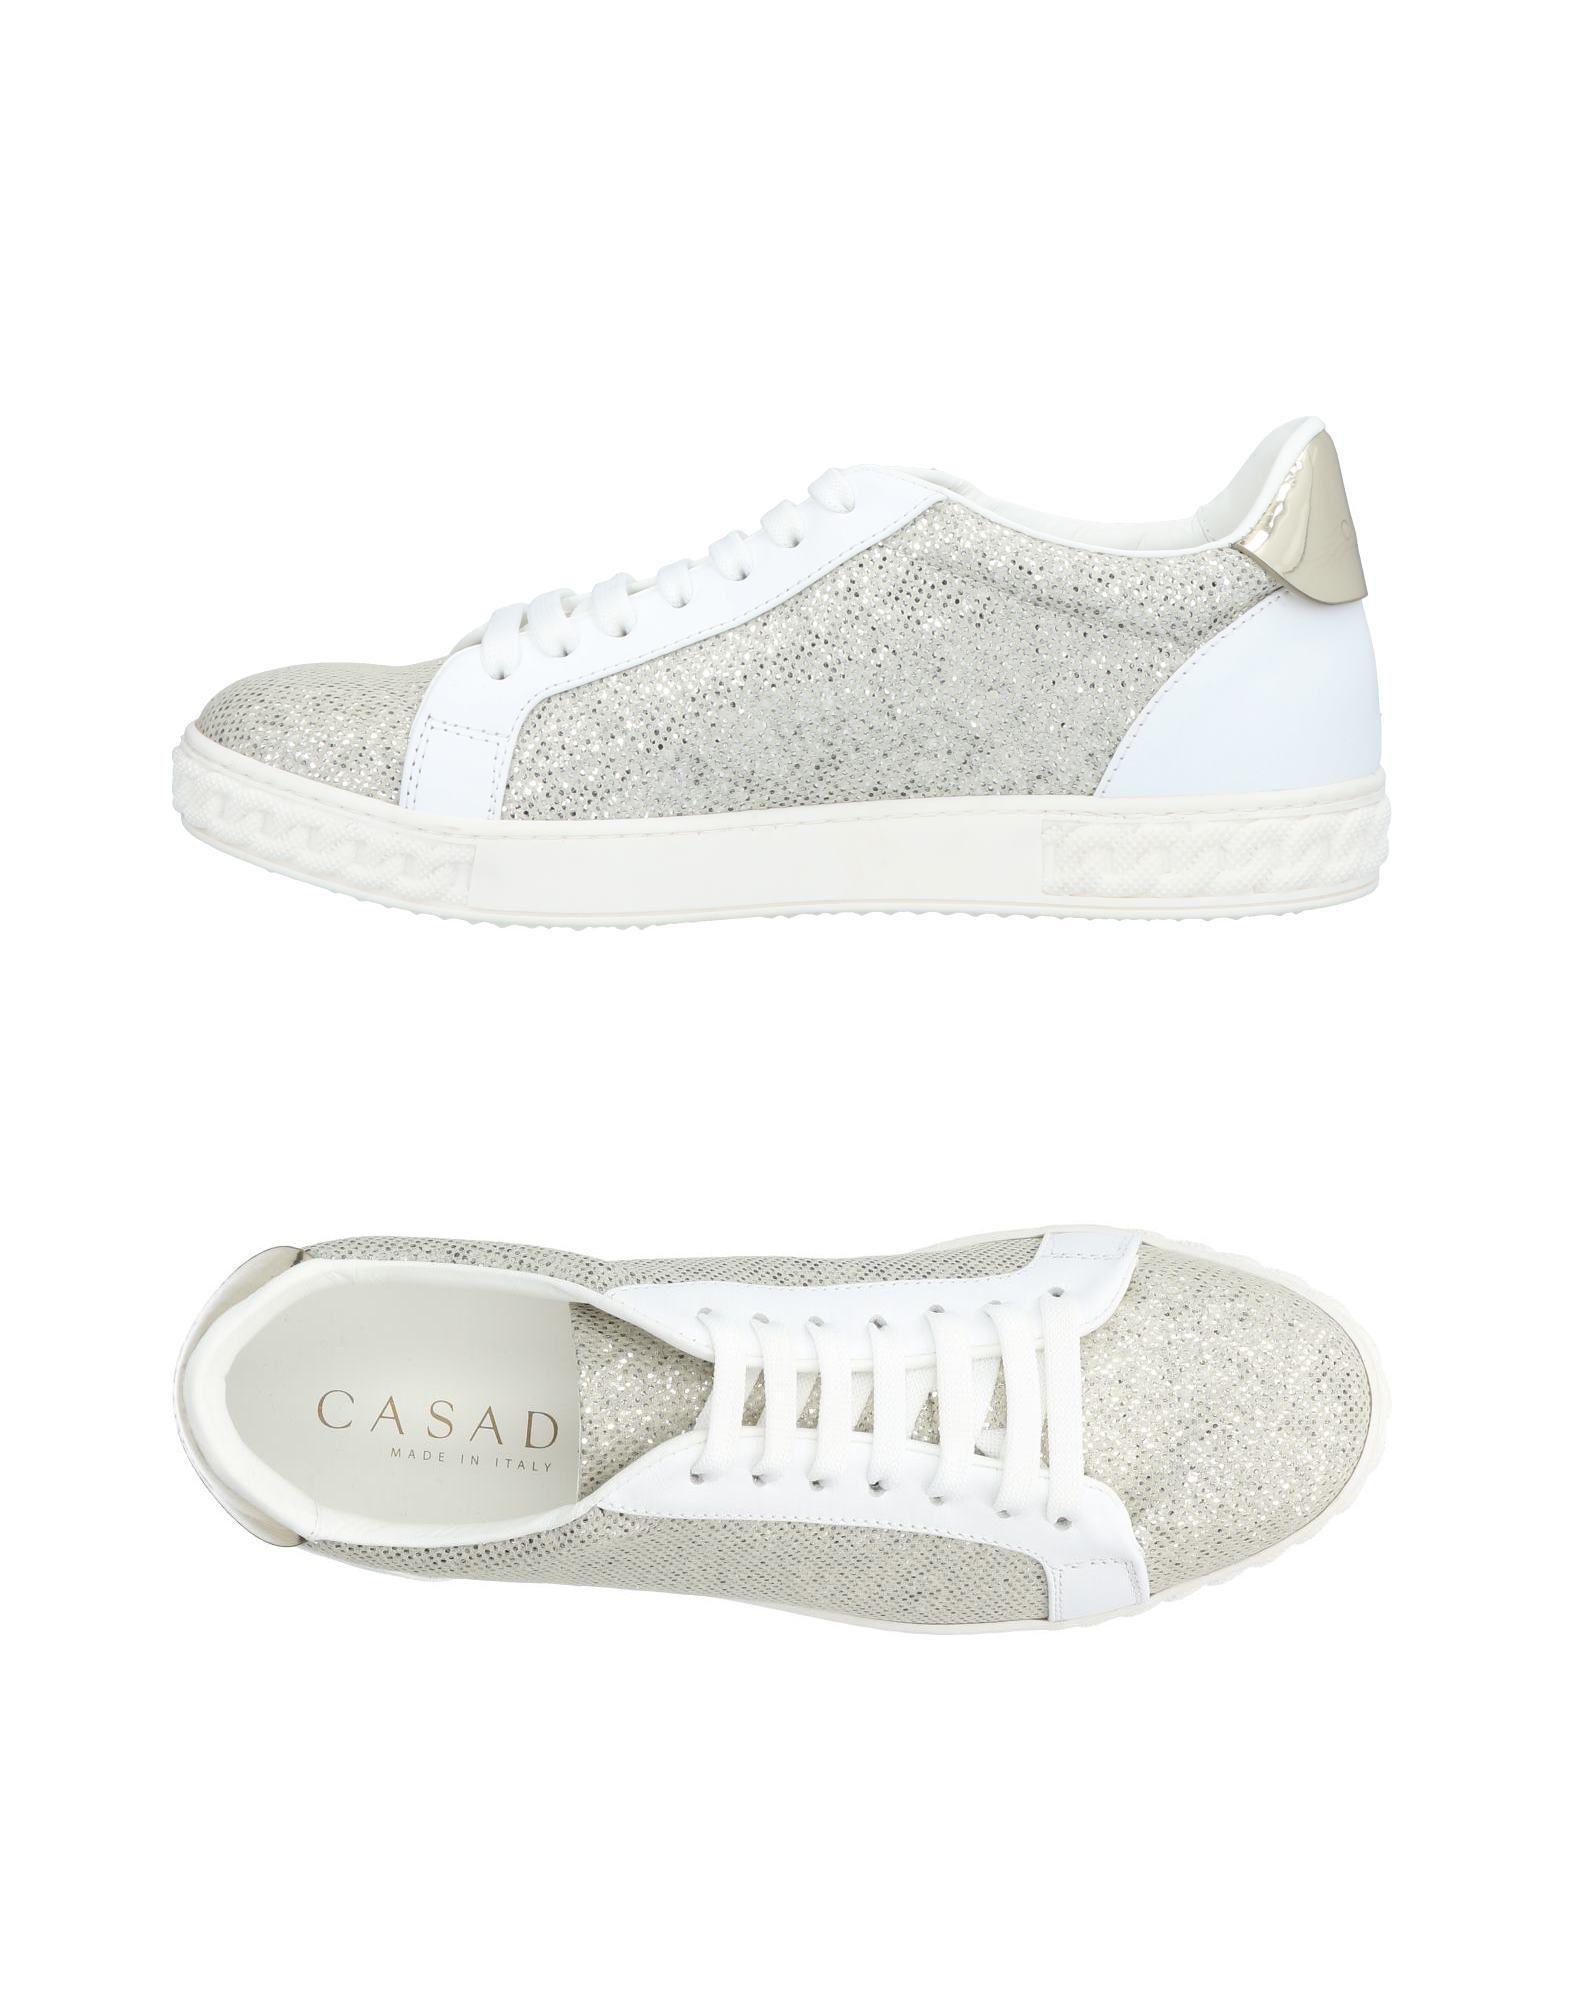 FOOTWEAR - Low-tops & sneakers Casadei rlPctLG7s